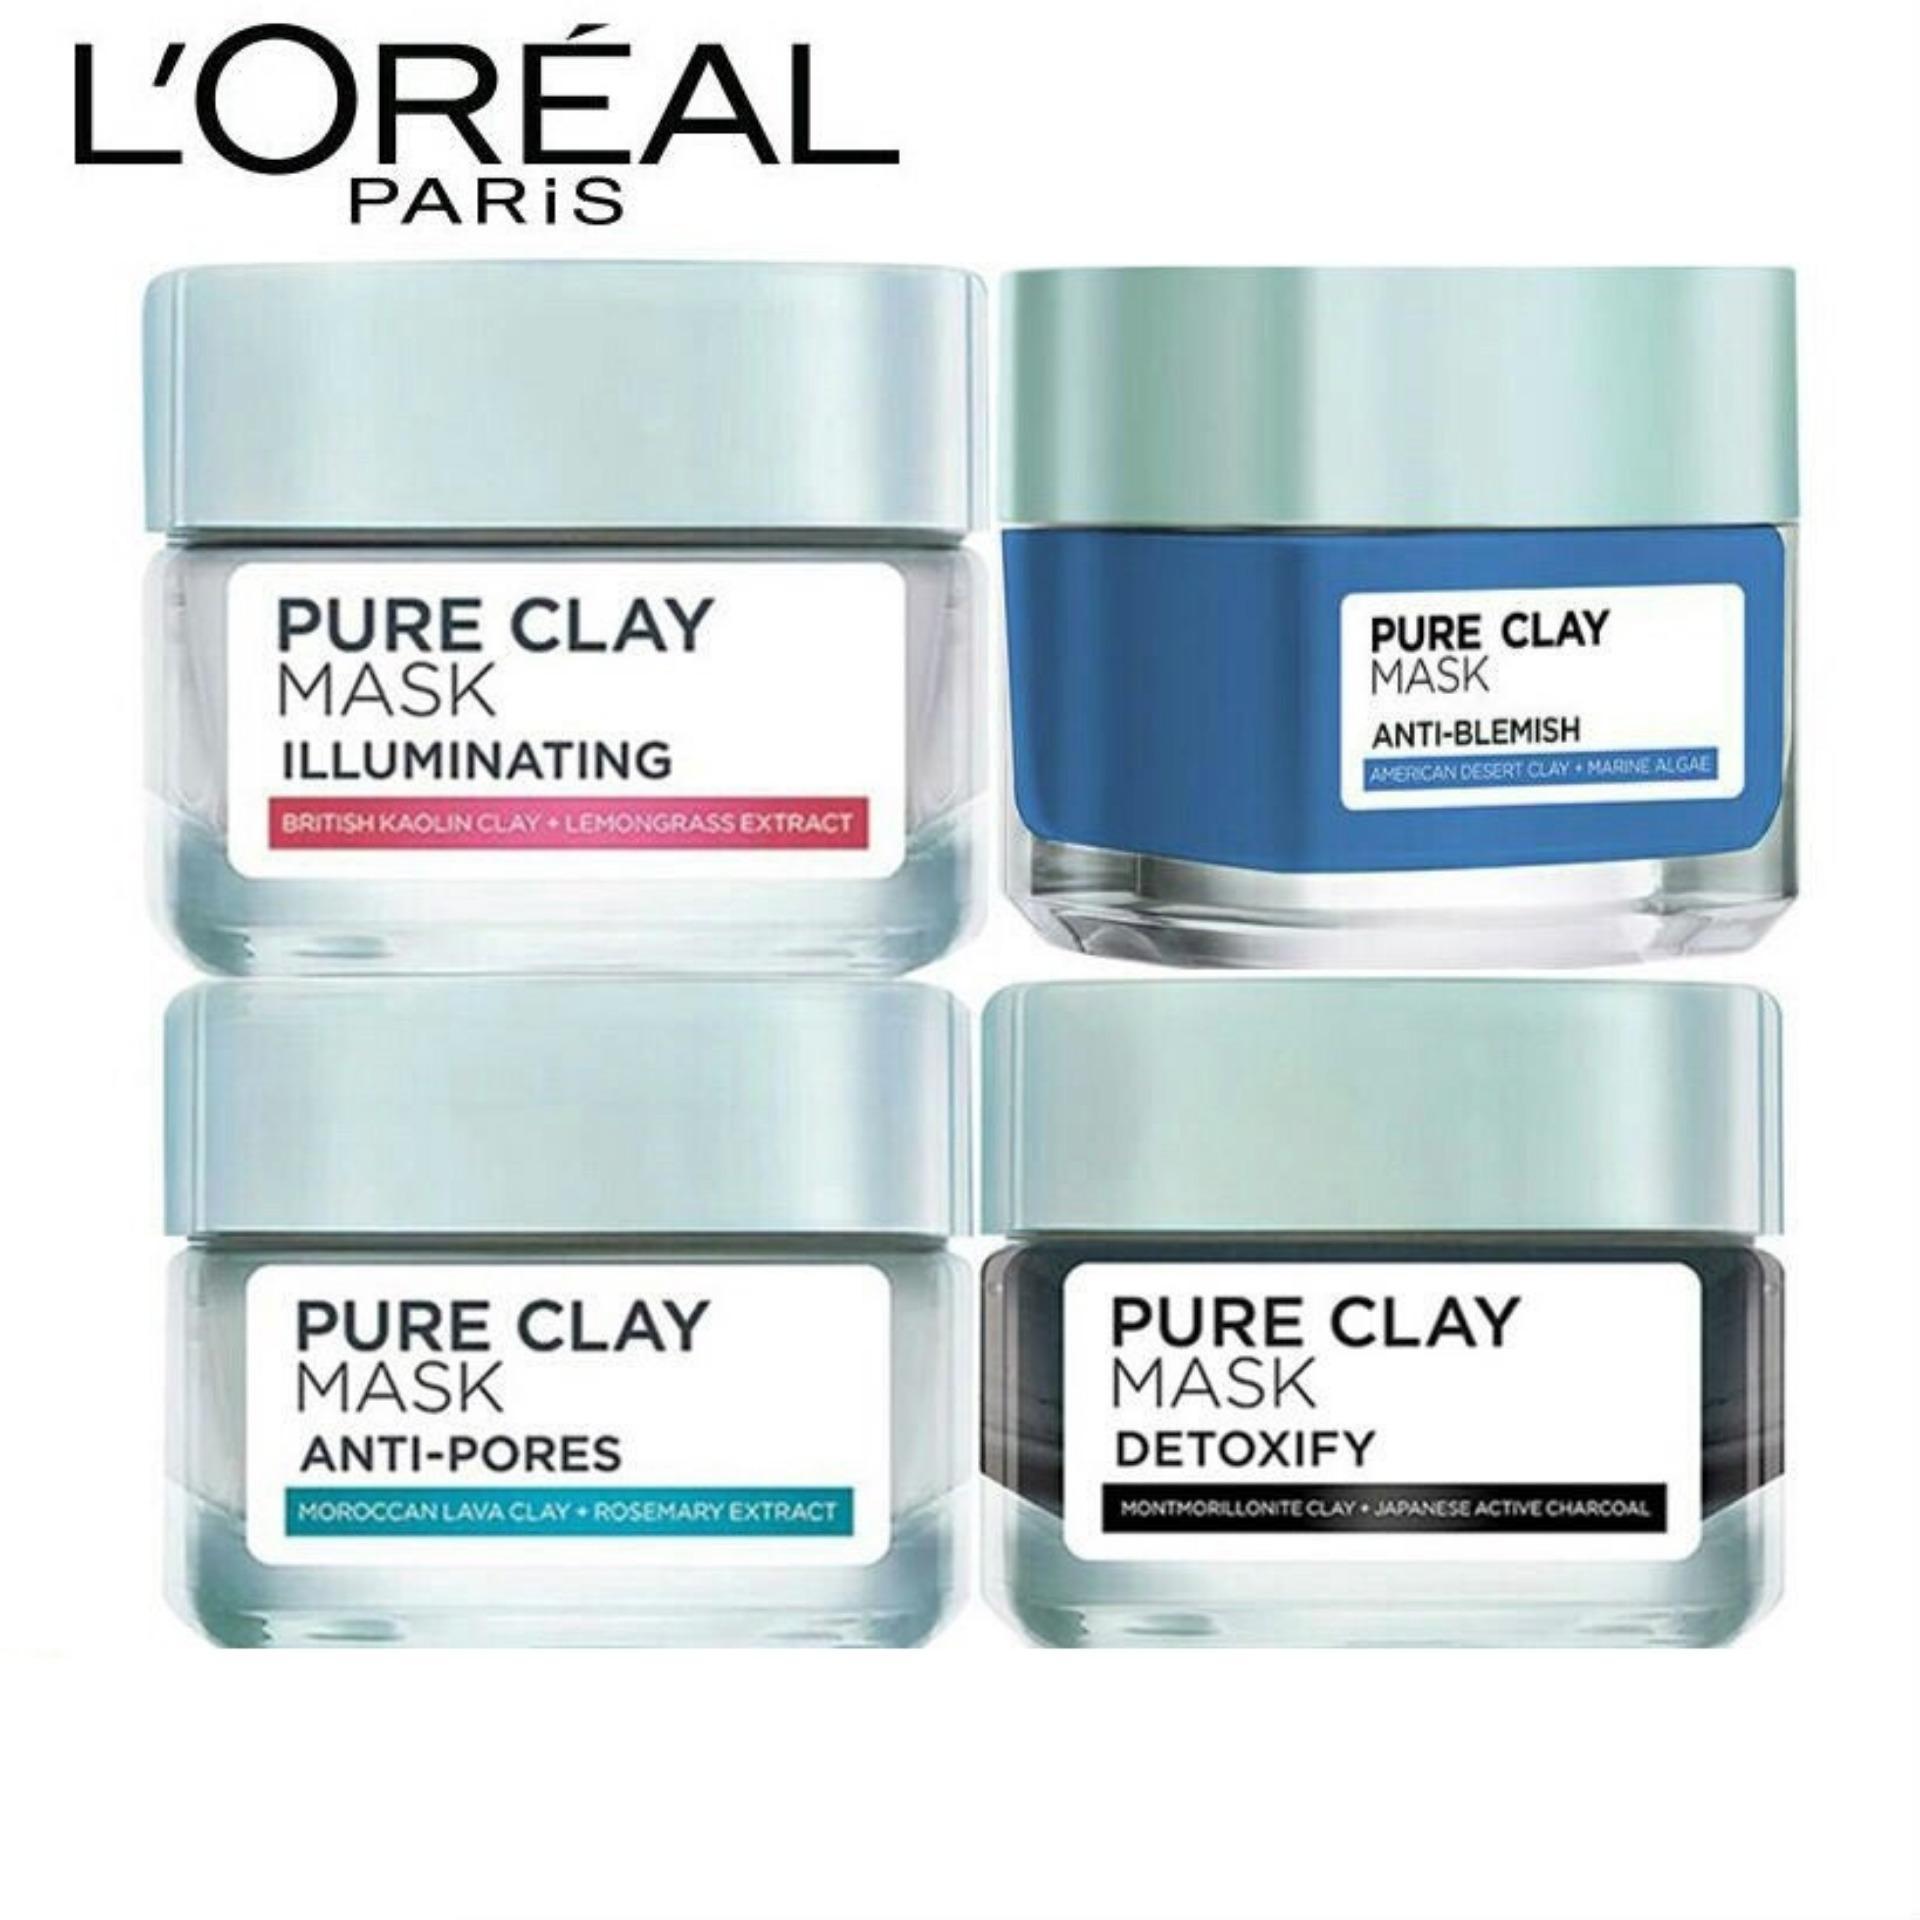 Mặt nạ đất sét LOreal Paris Pure Clay Mask 50g tốt nhất